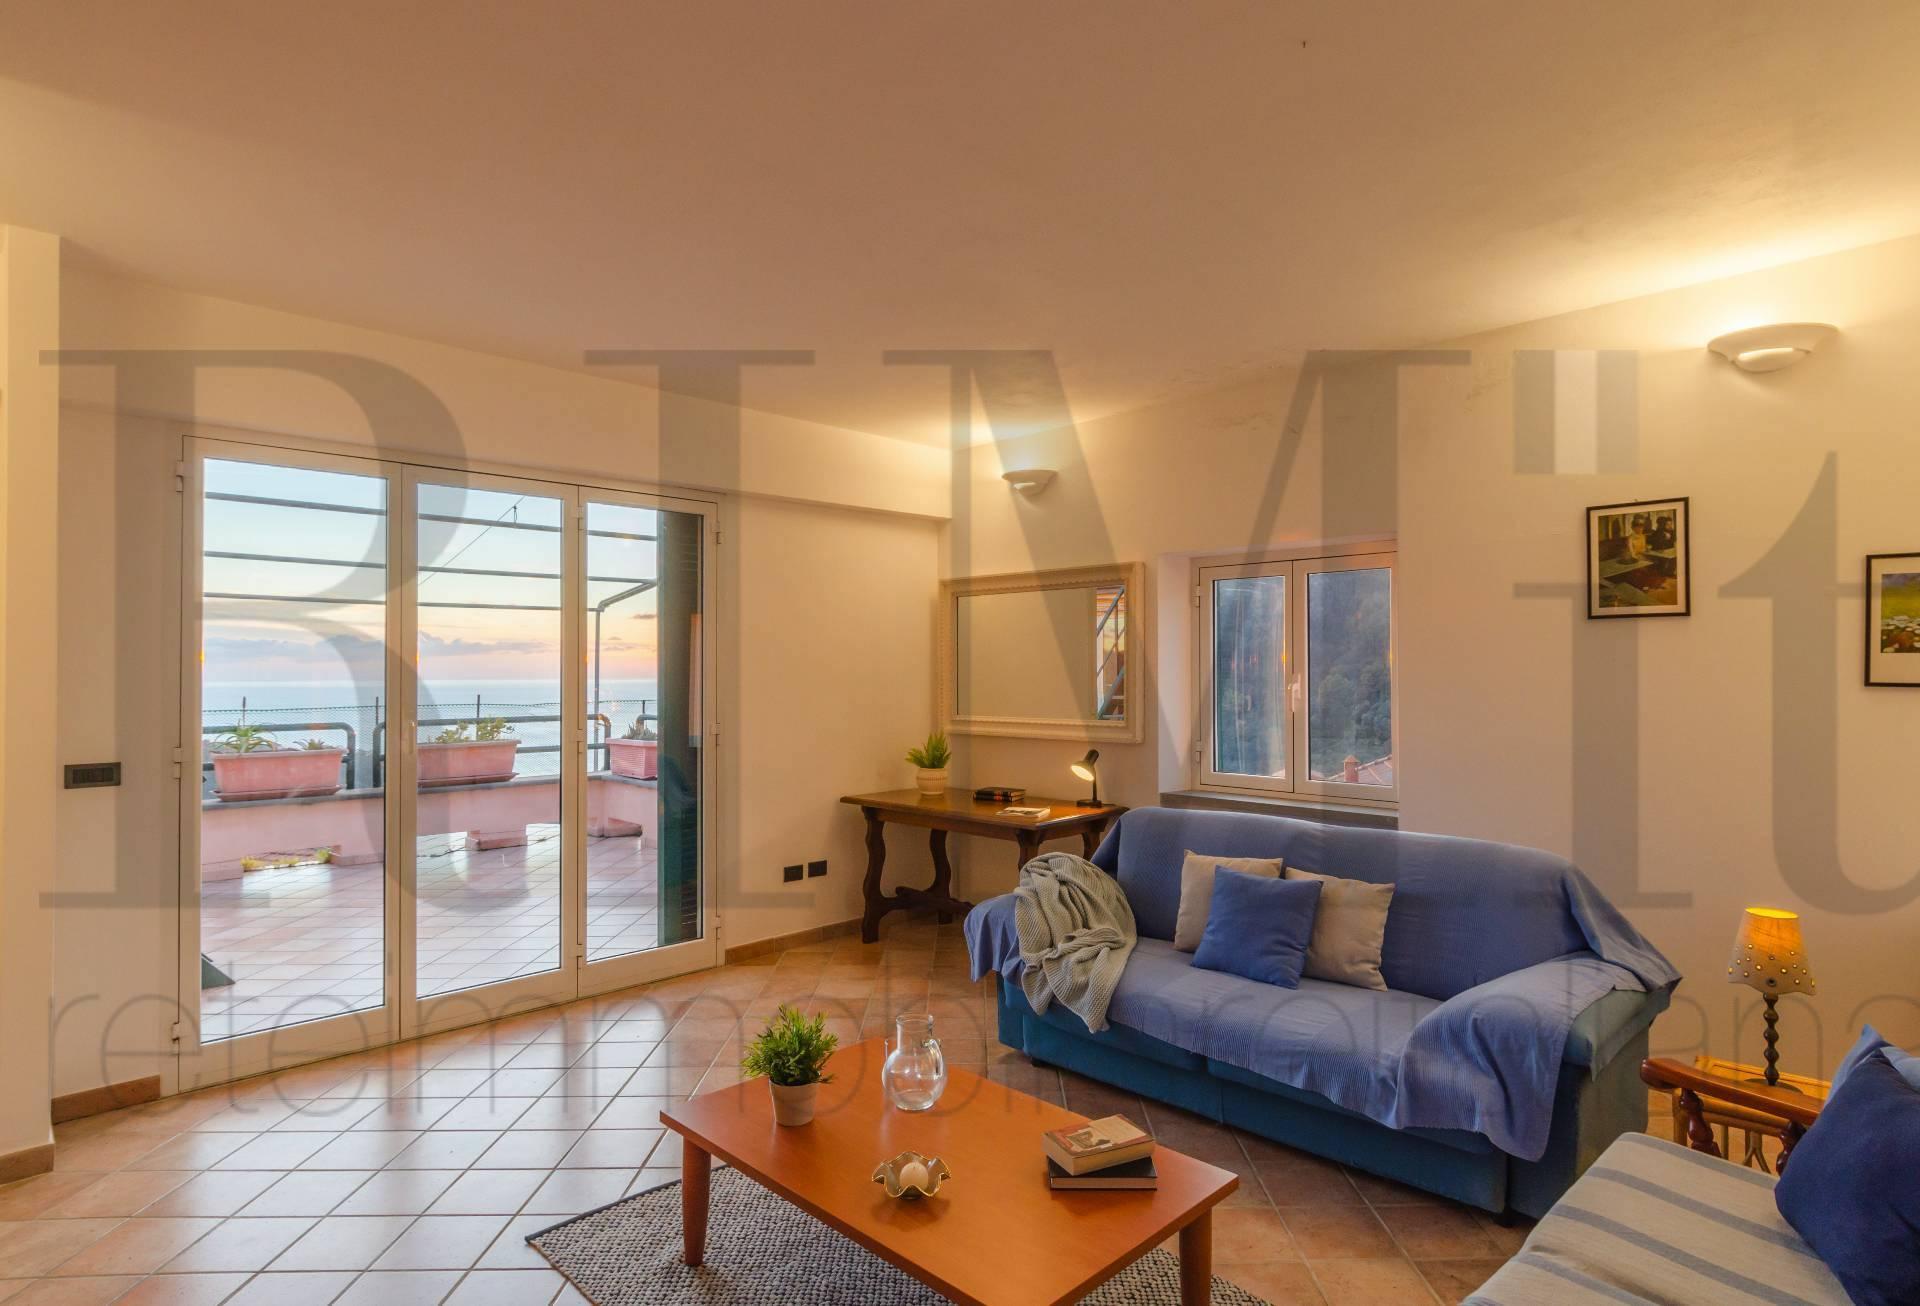 Appartamento in vendita a Moneglia, 4 locali, zona Località: SanSaturnino, prezzo € 280.000   PortaleAgenzieImmobiliari.it